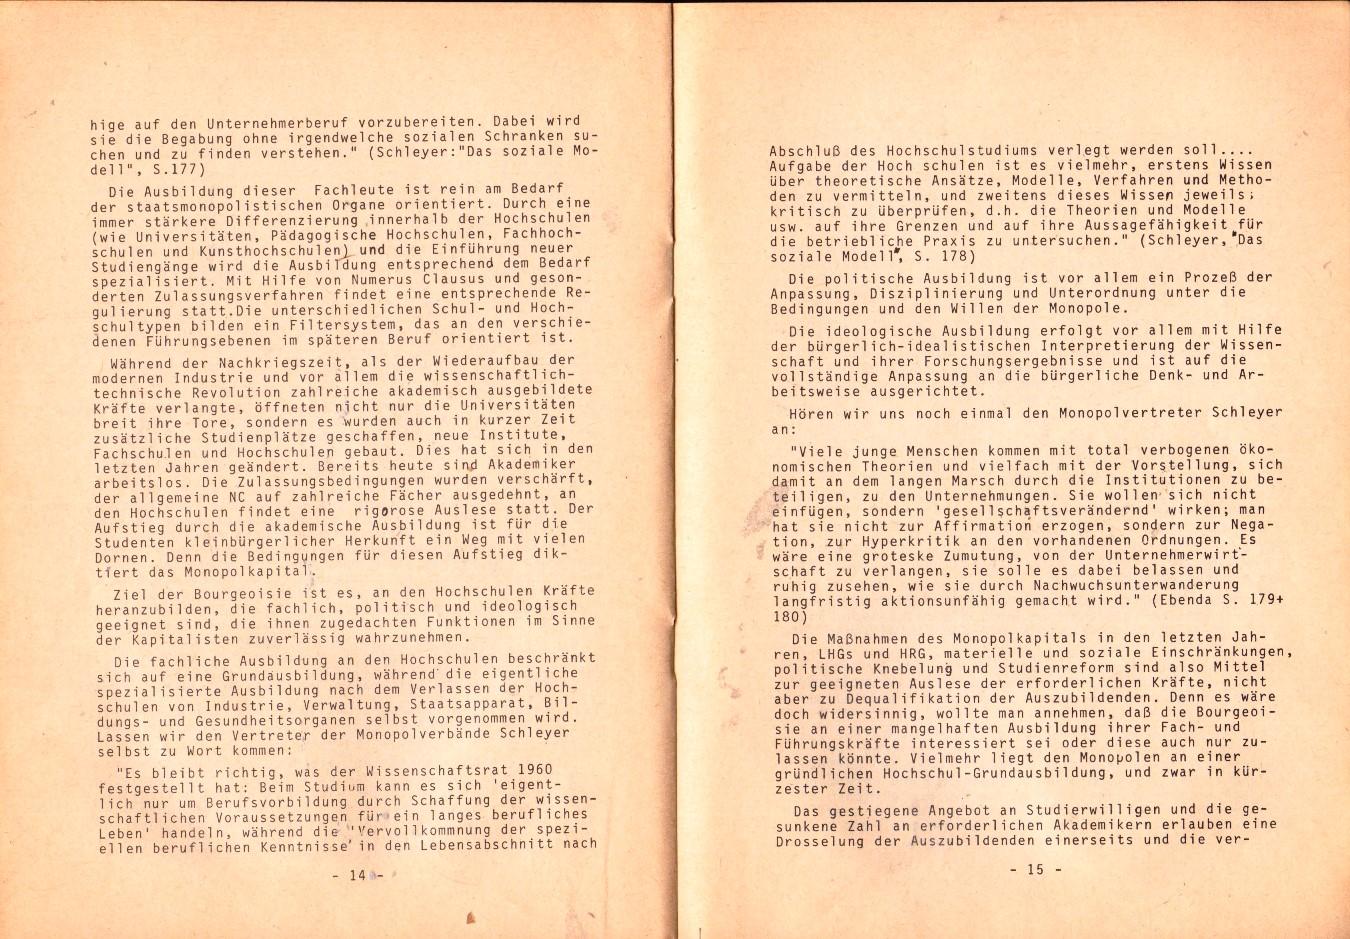 KABD_1976_Parteiaufbau_und_Intellektuellenfrage_11